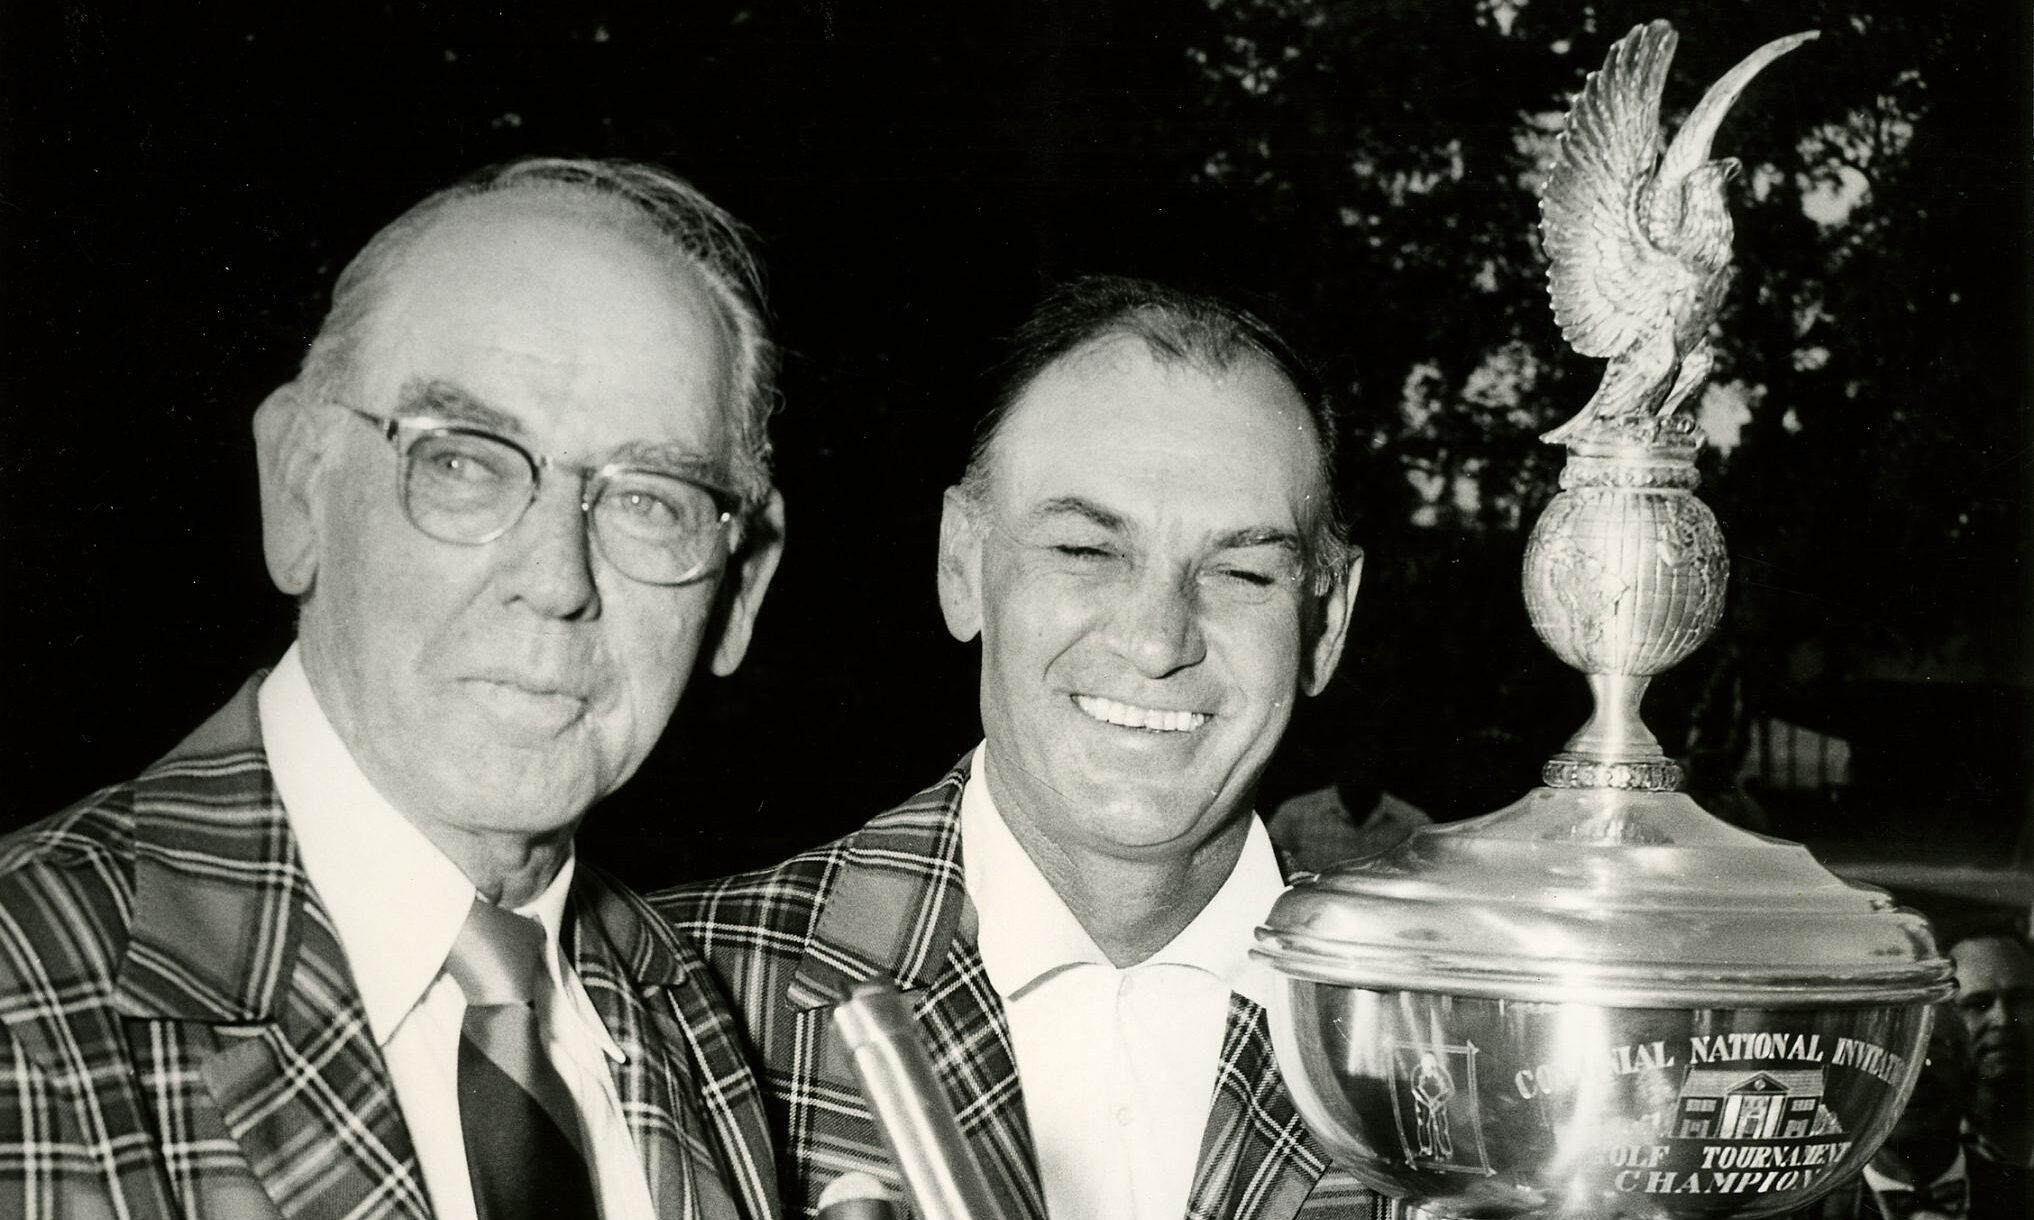 Leonard (kiri) mempersembahkan trofi kepada Ben Hogan setelah Hogan pernah memenangkan Undangan Nasional Kolonial - pendahulu Tantangan Charles Schwab.  Foto: Kota Kertas